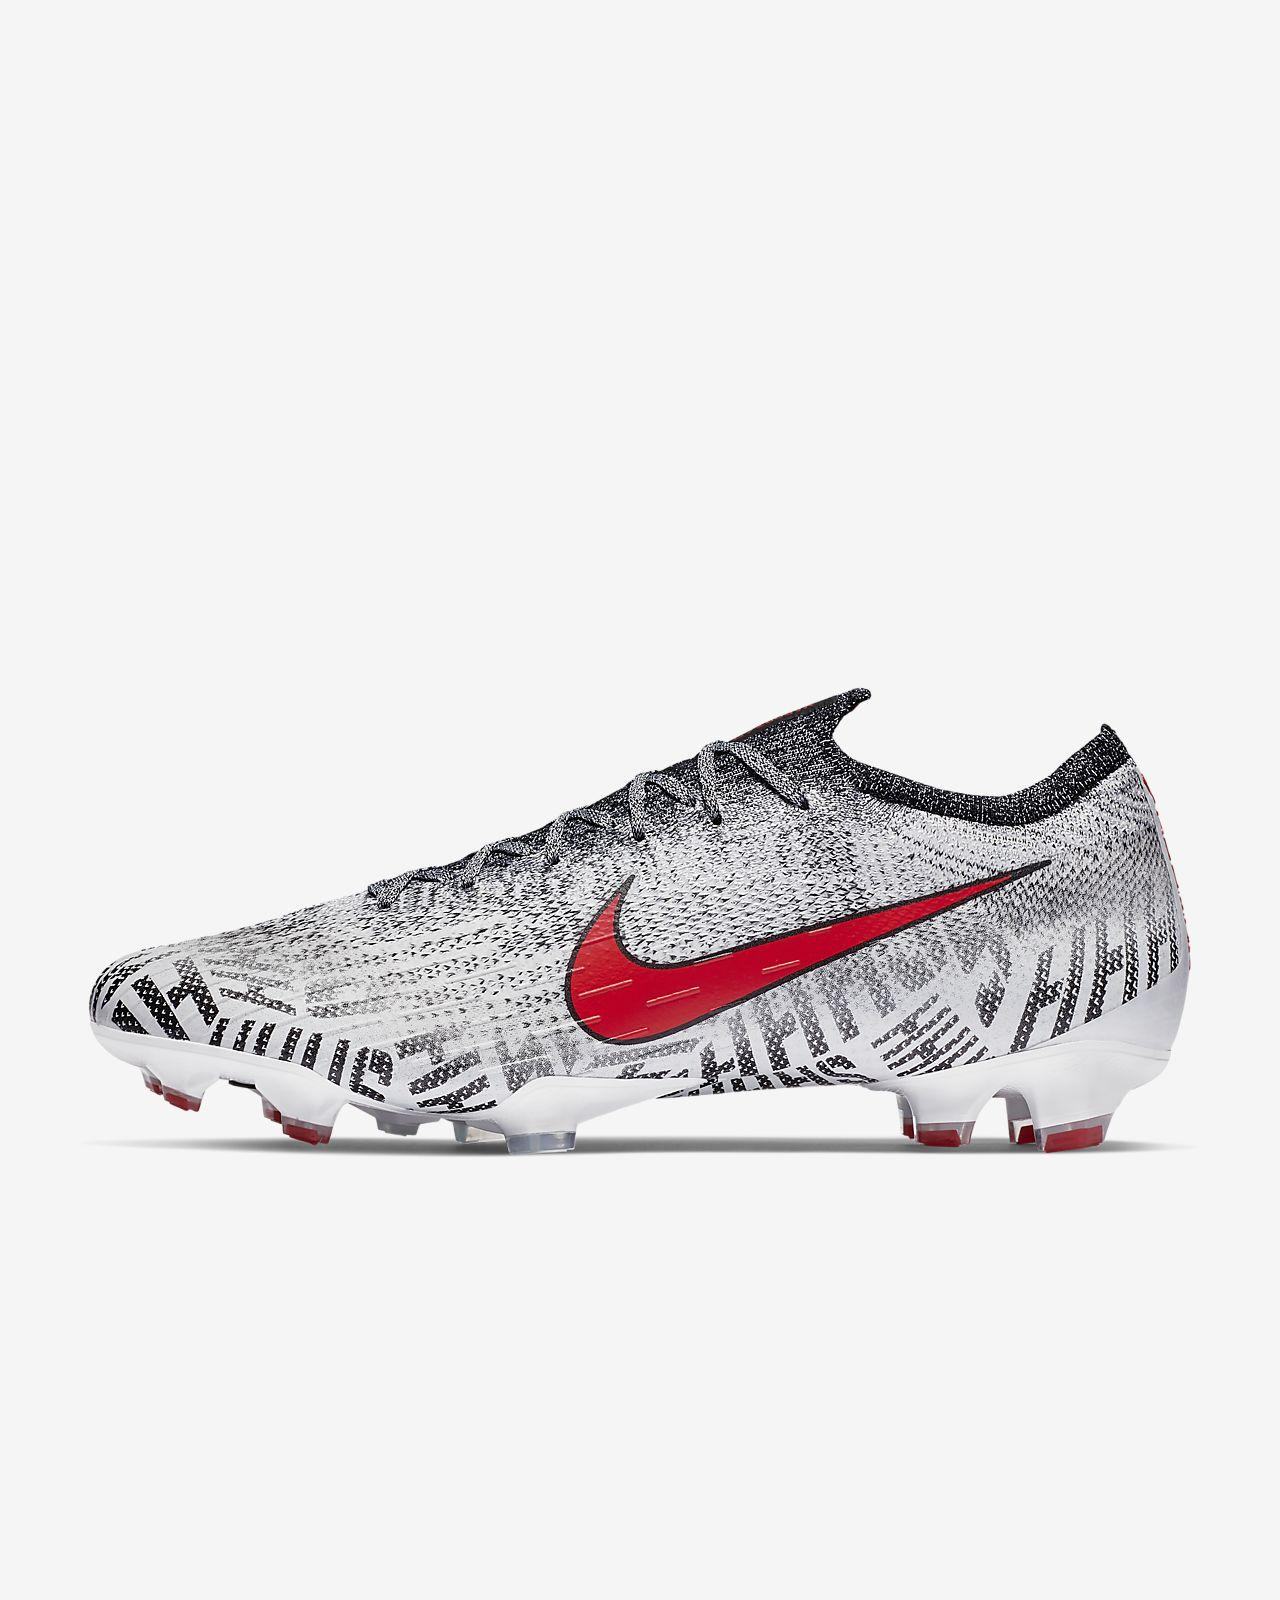 buy online 7dc88 7deb7 Calzado de fútbol para terreno firme Nike Mercurial Vapor 360 Elite Neymar  Jr